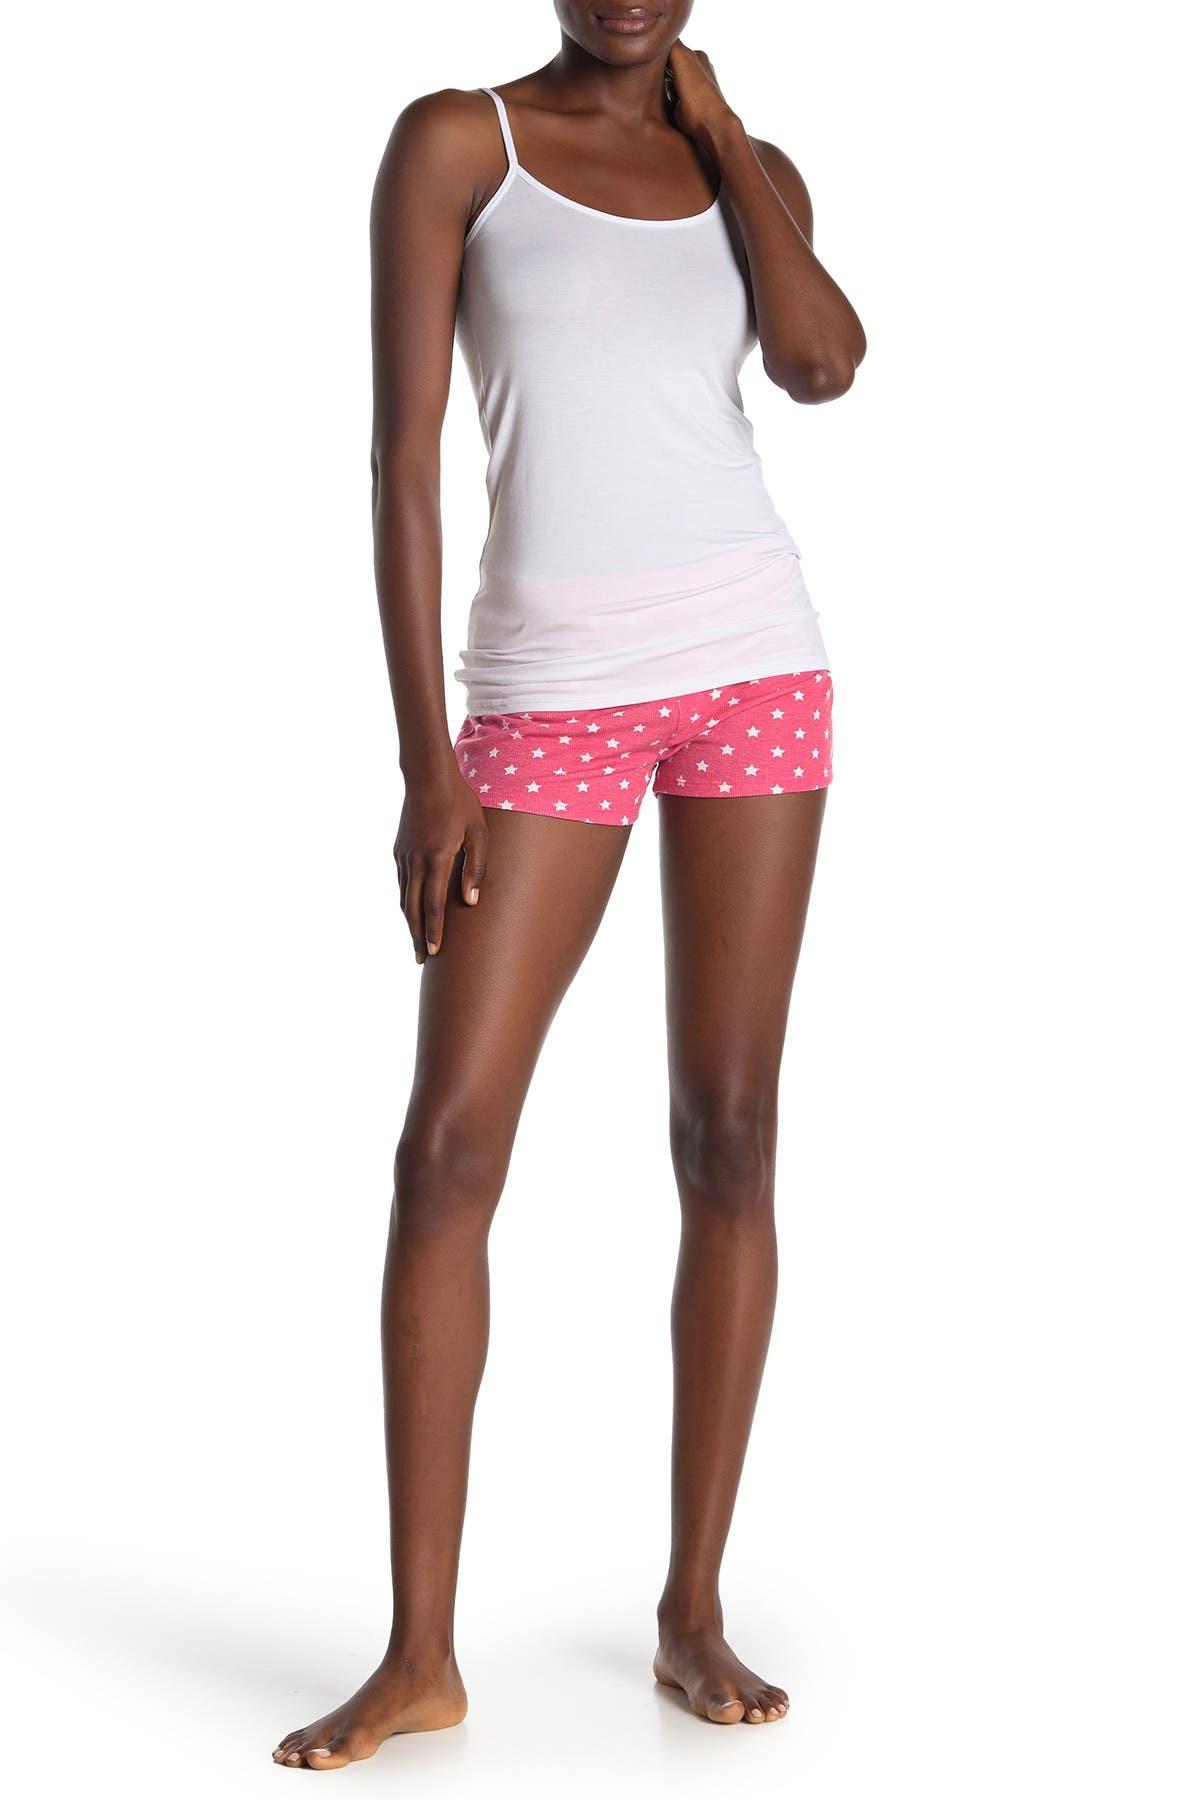 Image of Honeydew Intimates Eve Camisole & Shorts 2-Piece Pajama Set